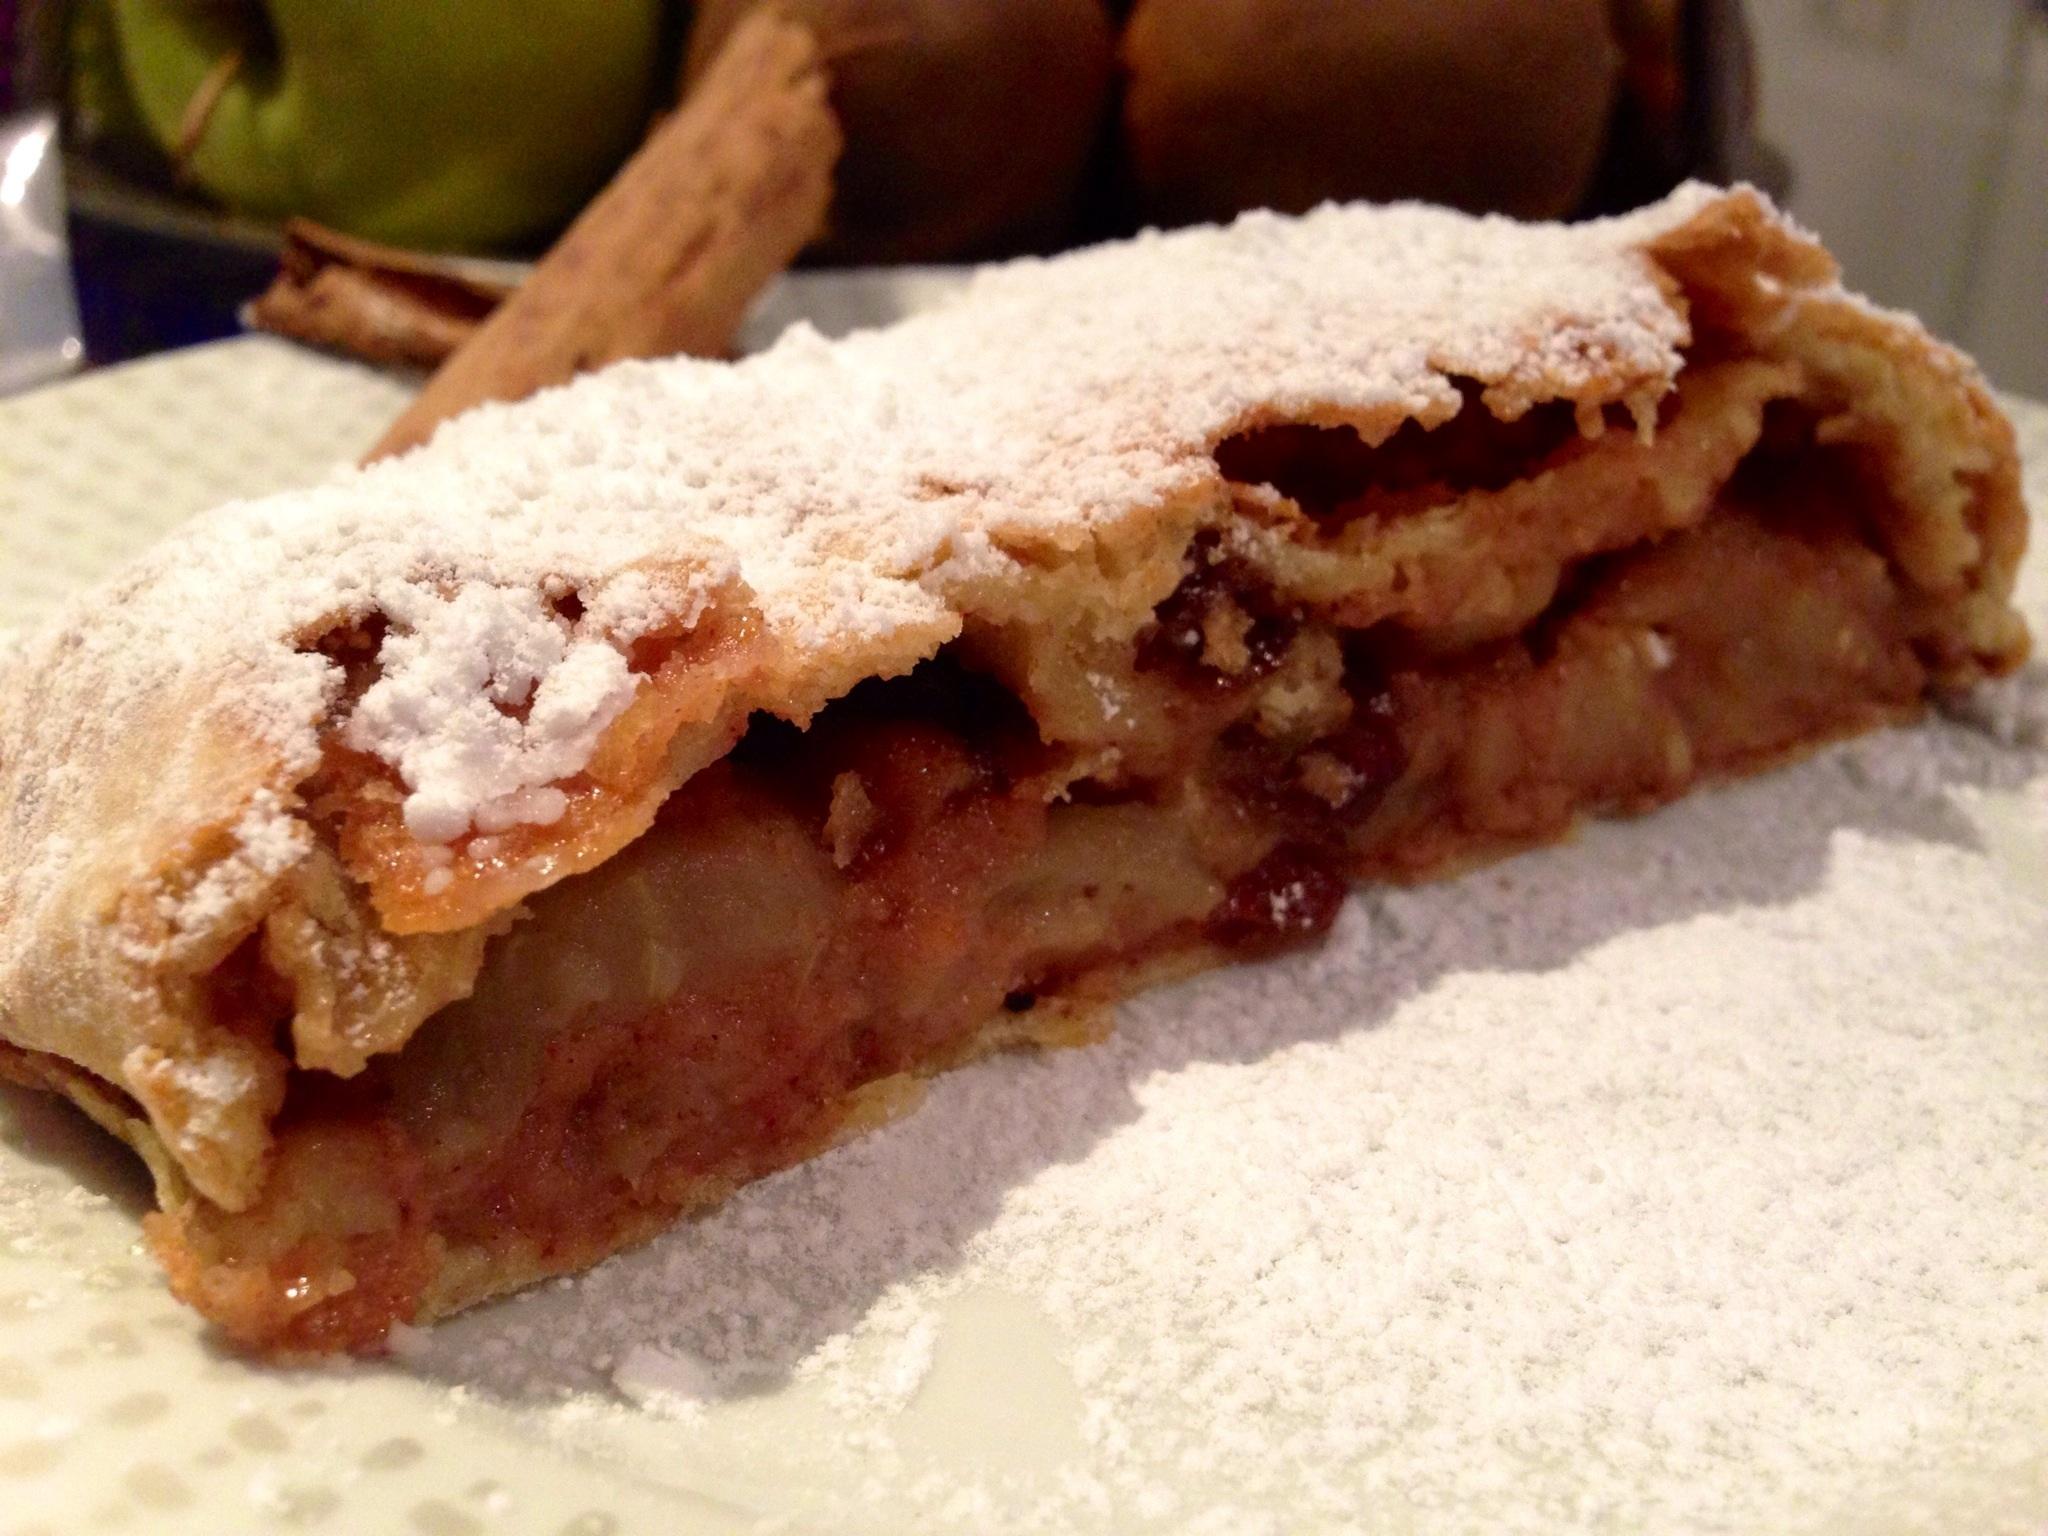 Strudel di Mele Senza Burro, il classico dolce in versione light di Dolci Senza Burro